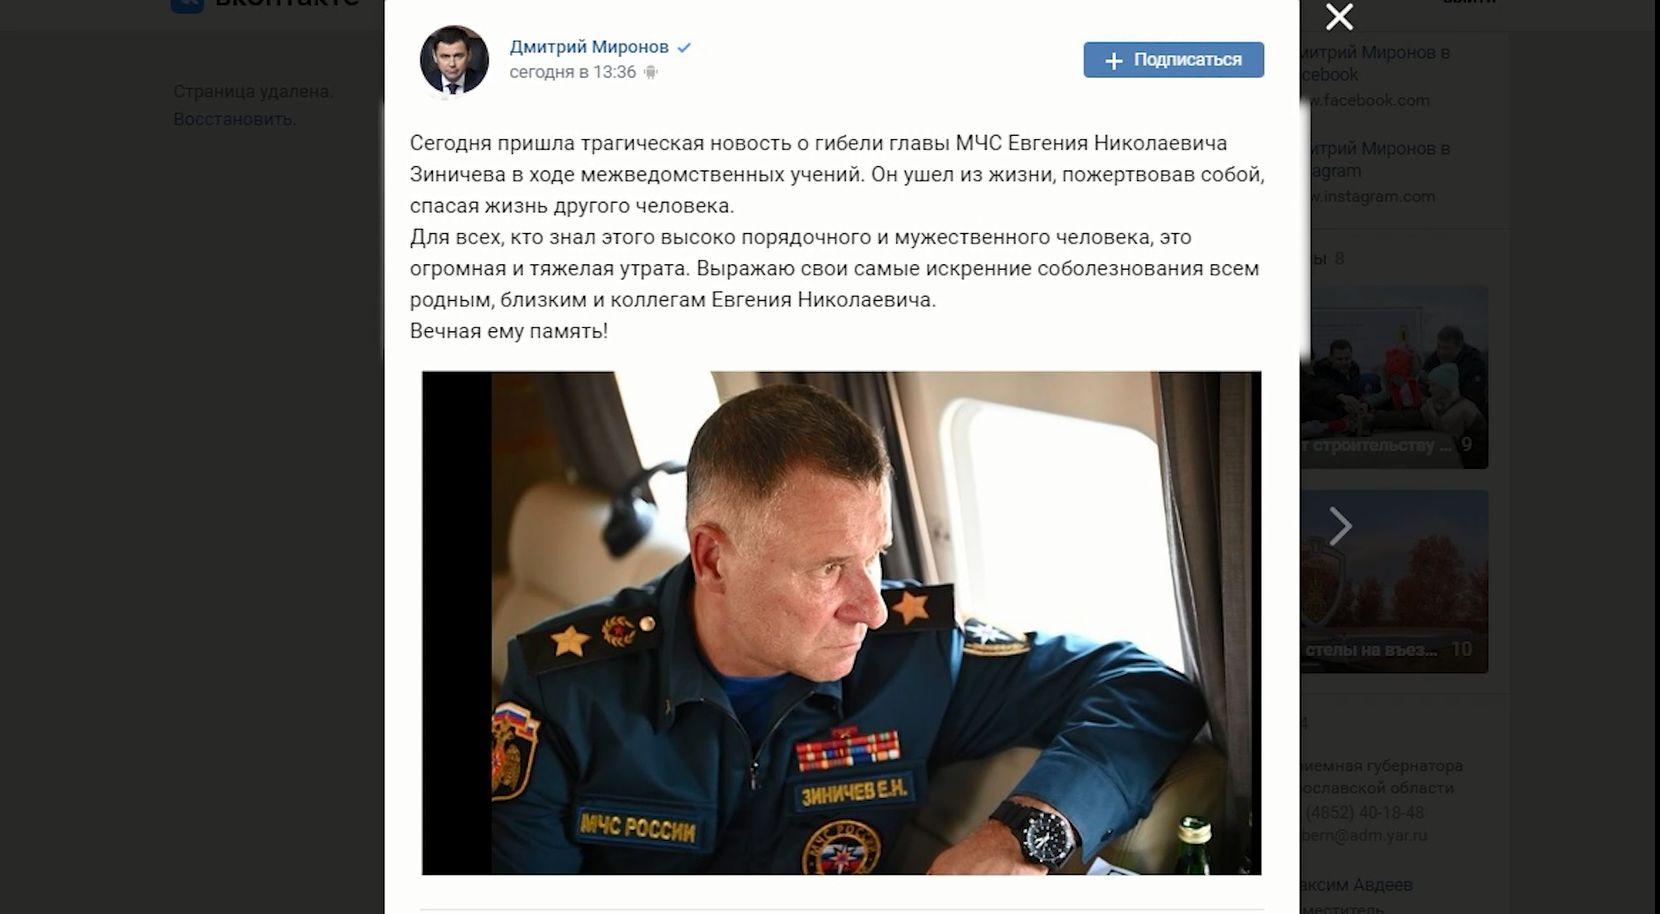 Глава региона Дмитрий Миронов выразил соболезнования близким и коллегам Евгения Зиничева